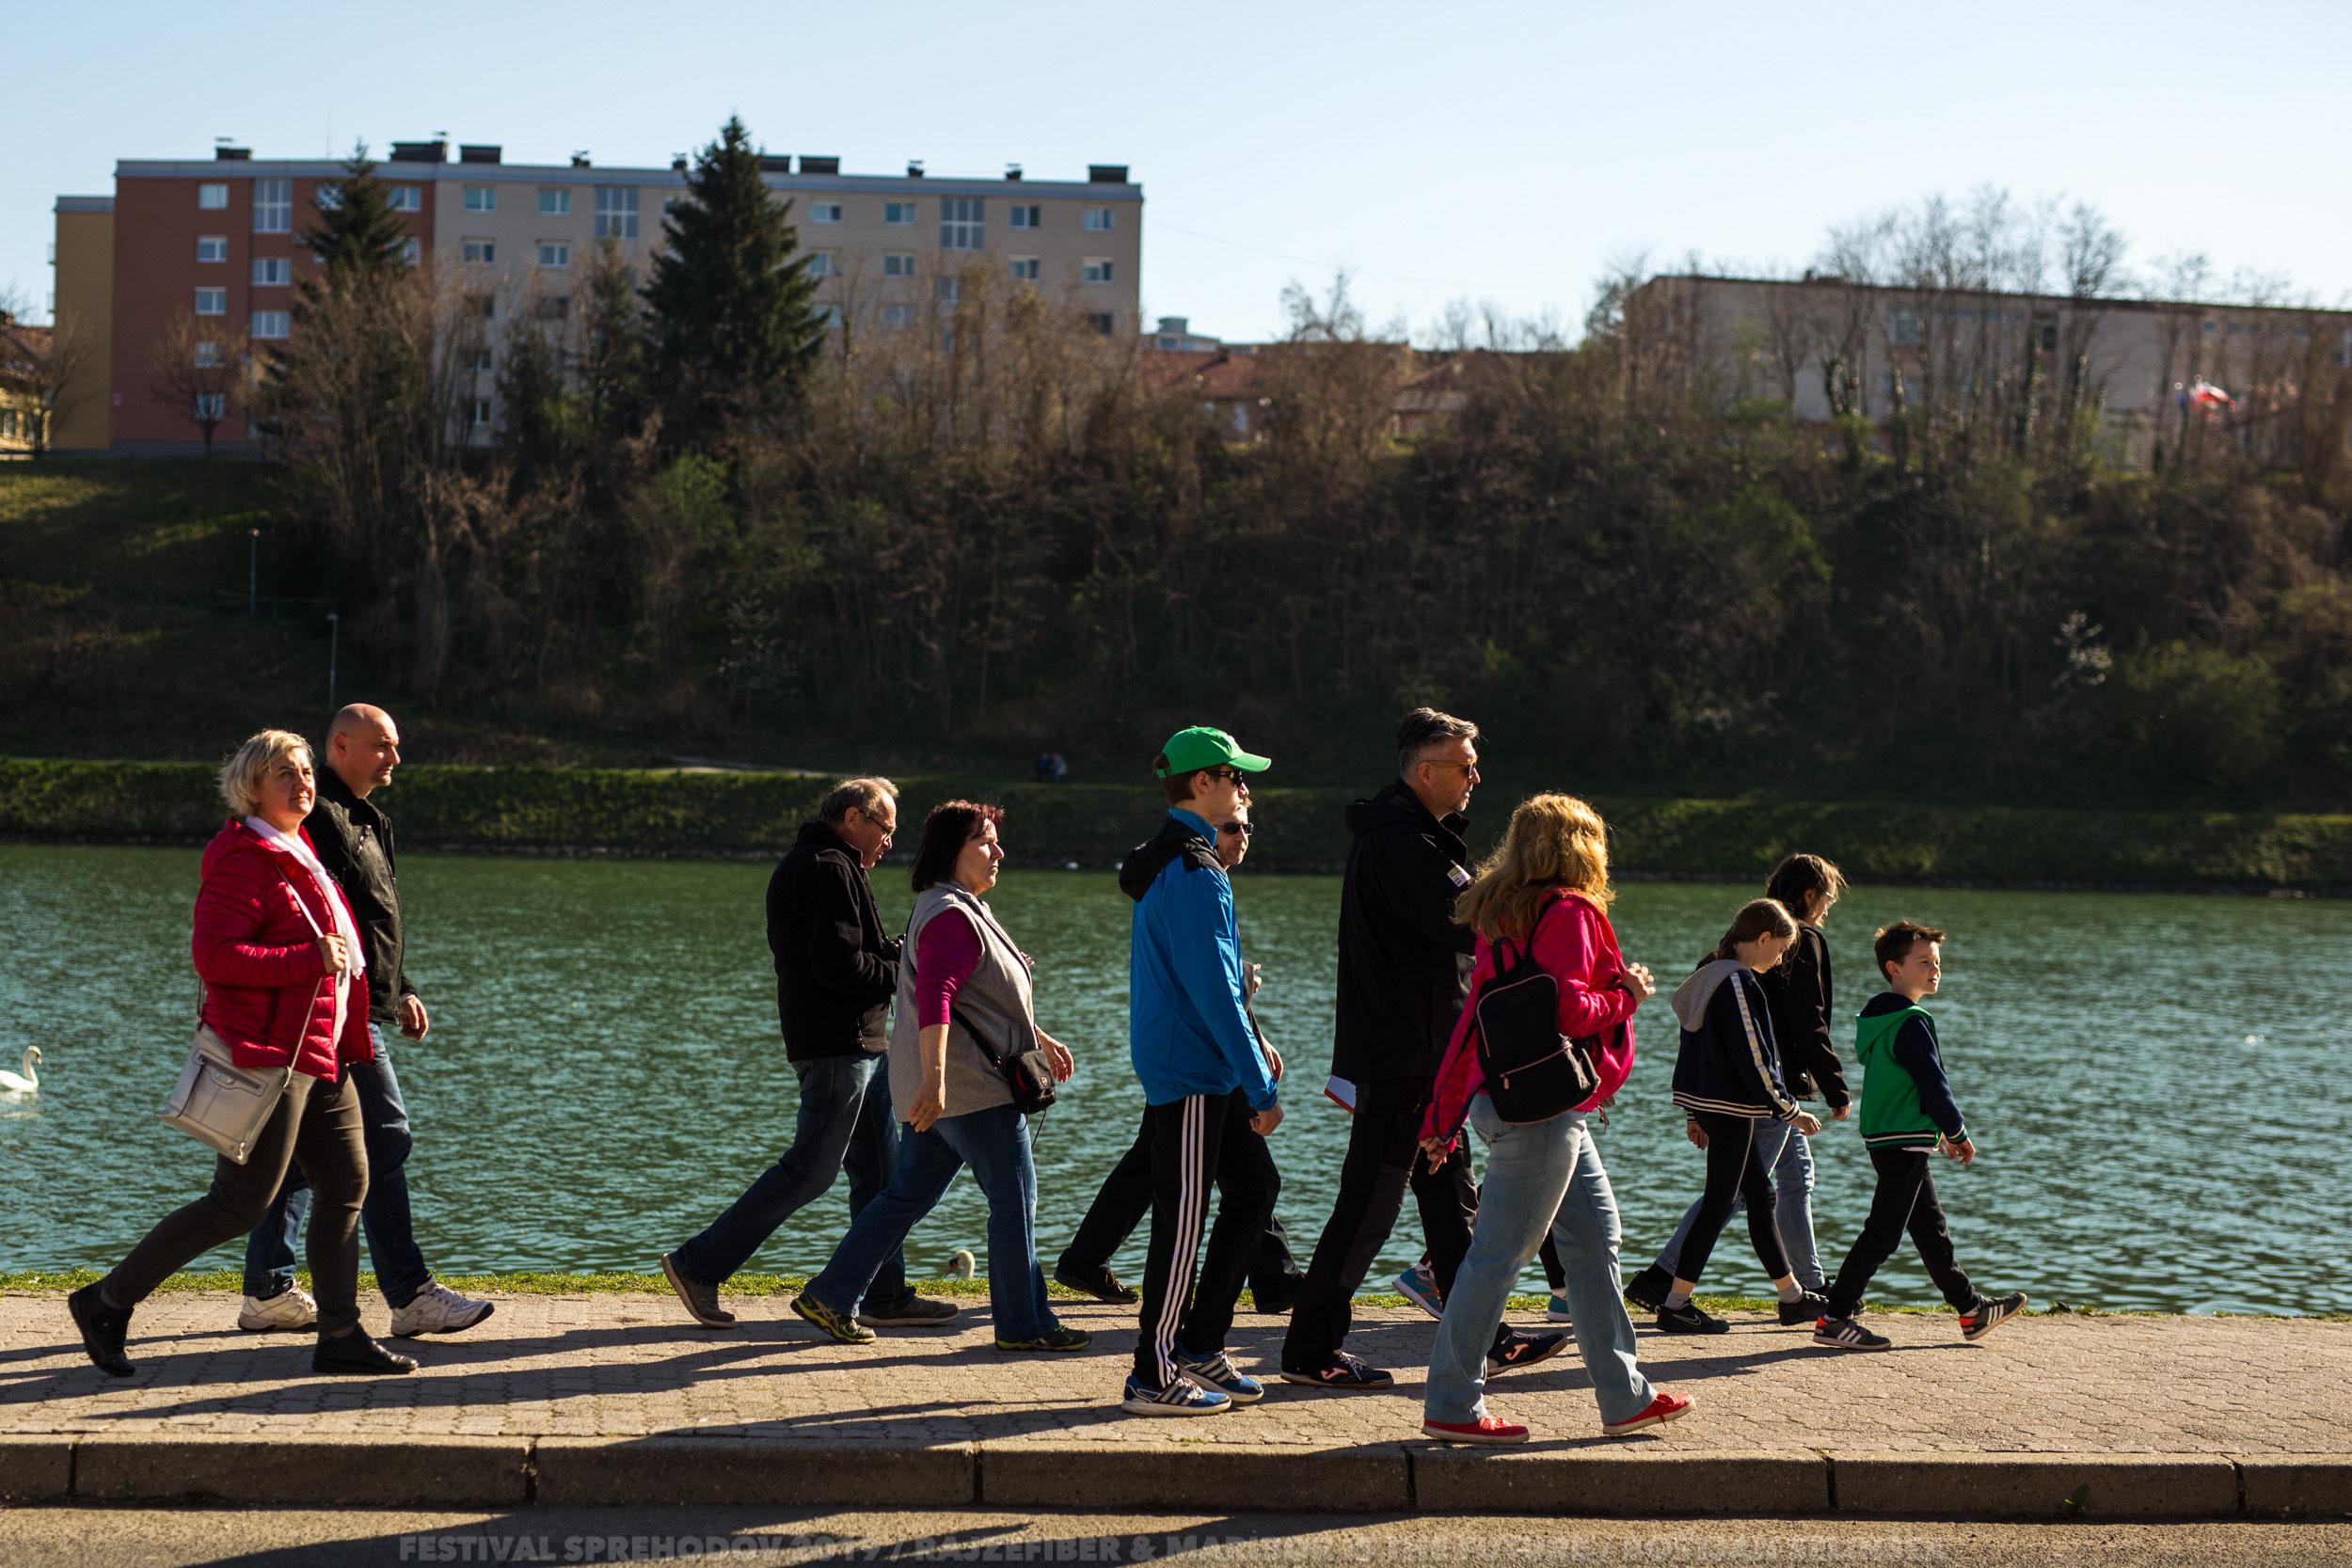 festival sprehodov 2019_5dan_Boštjan Selinšek (61).jpg